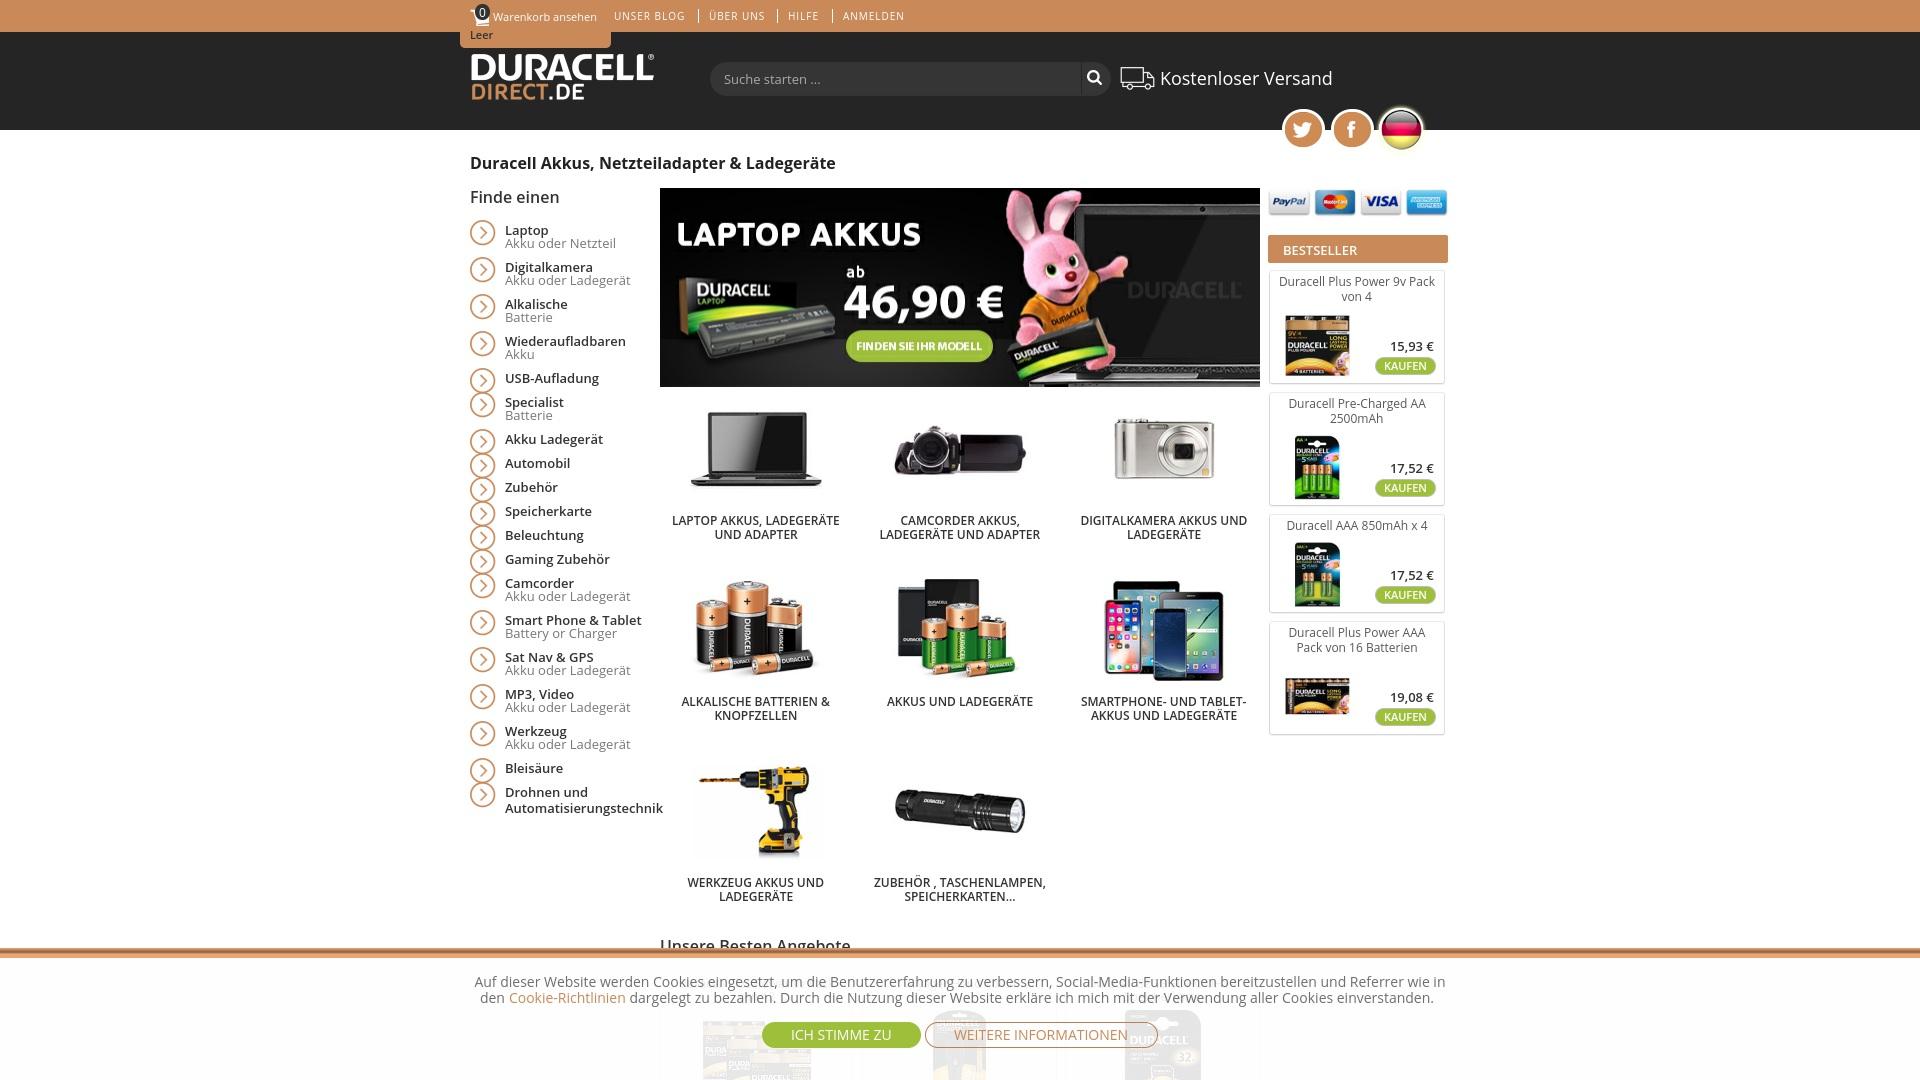 Gutschein für Duracelldirect: Rabatte für  Duracelldirect sichern